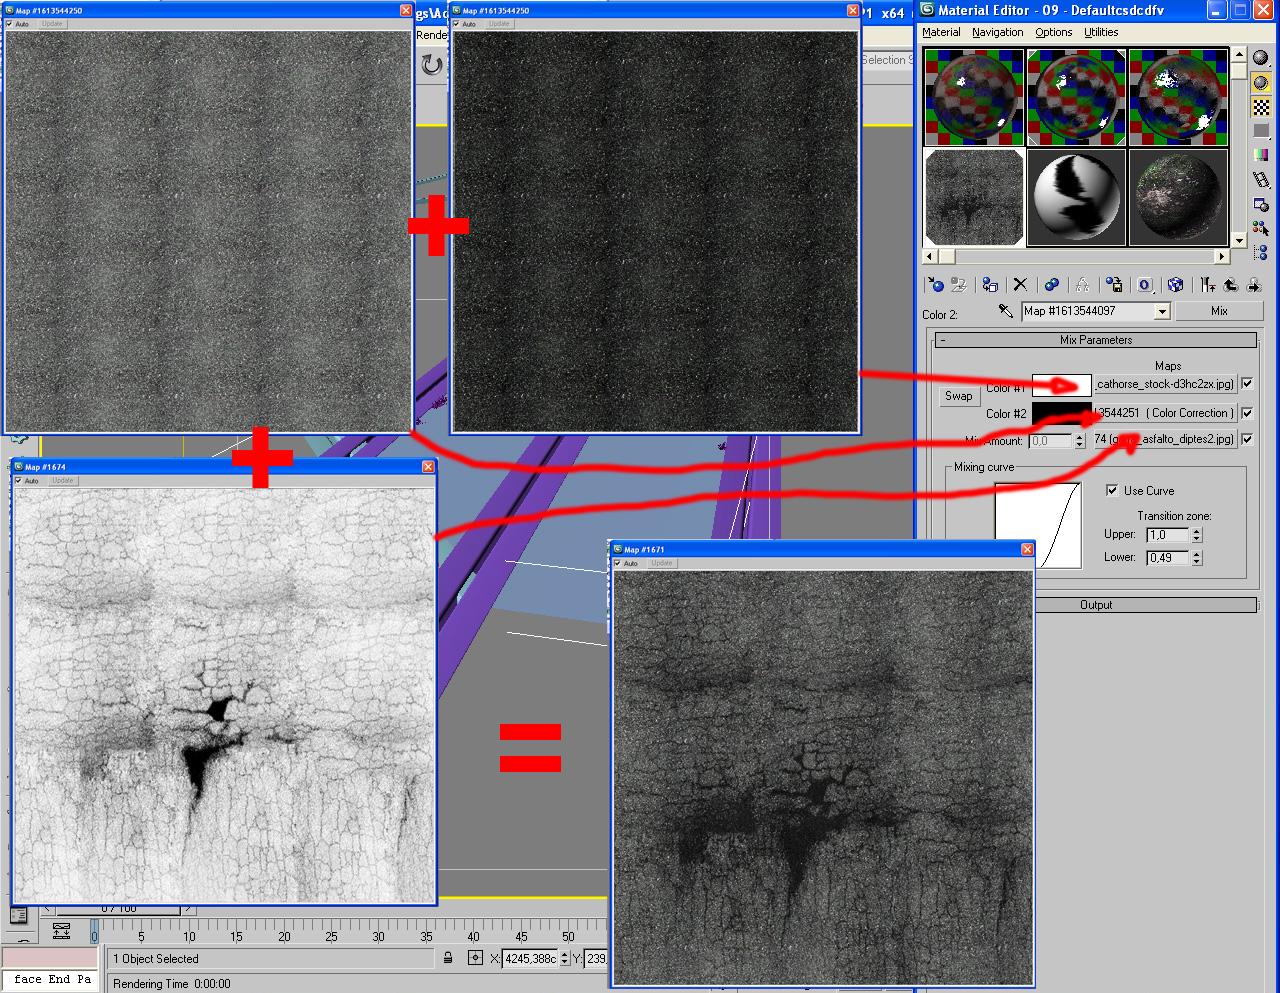 5_materials1.jpg